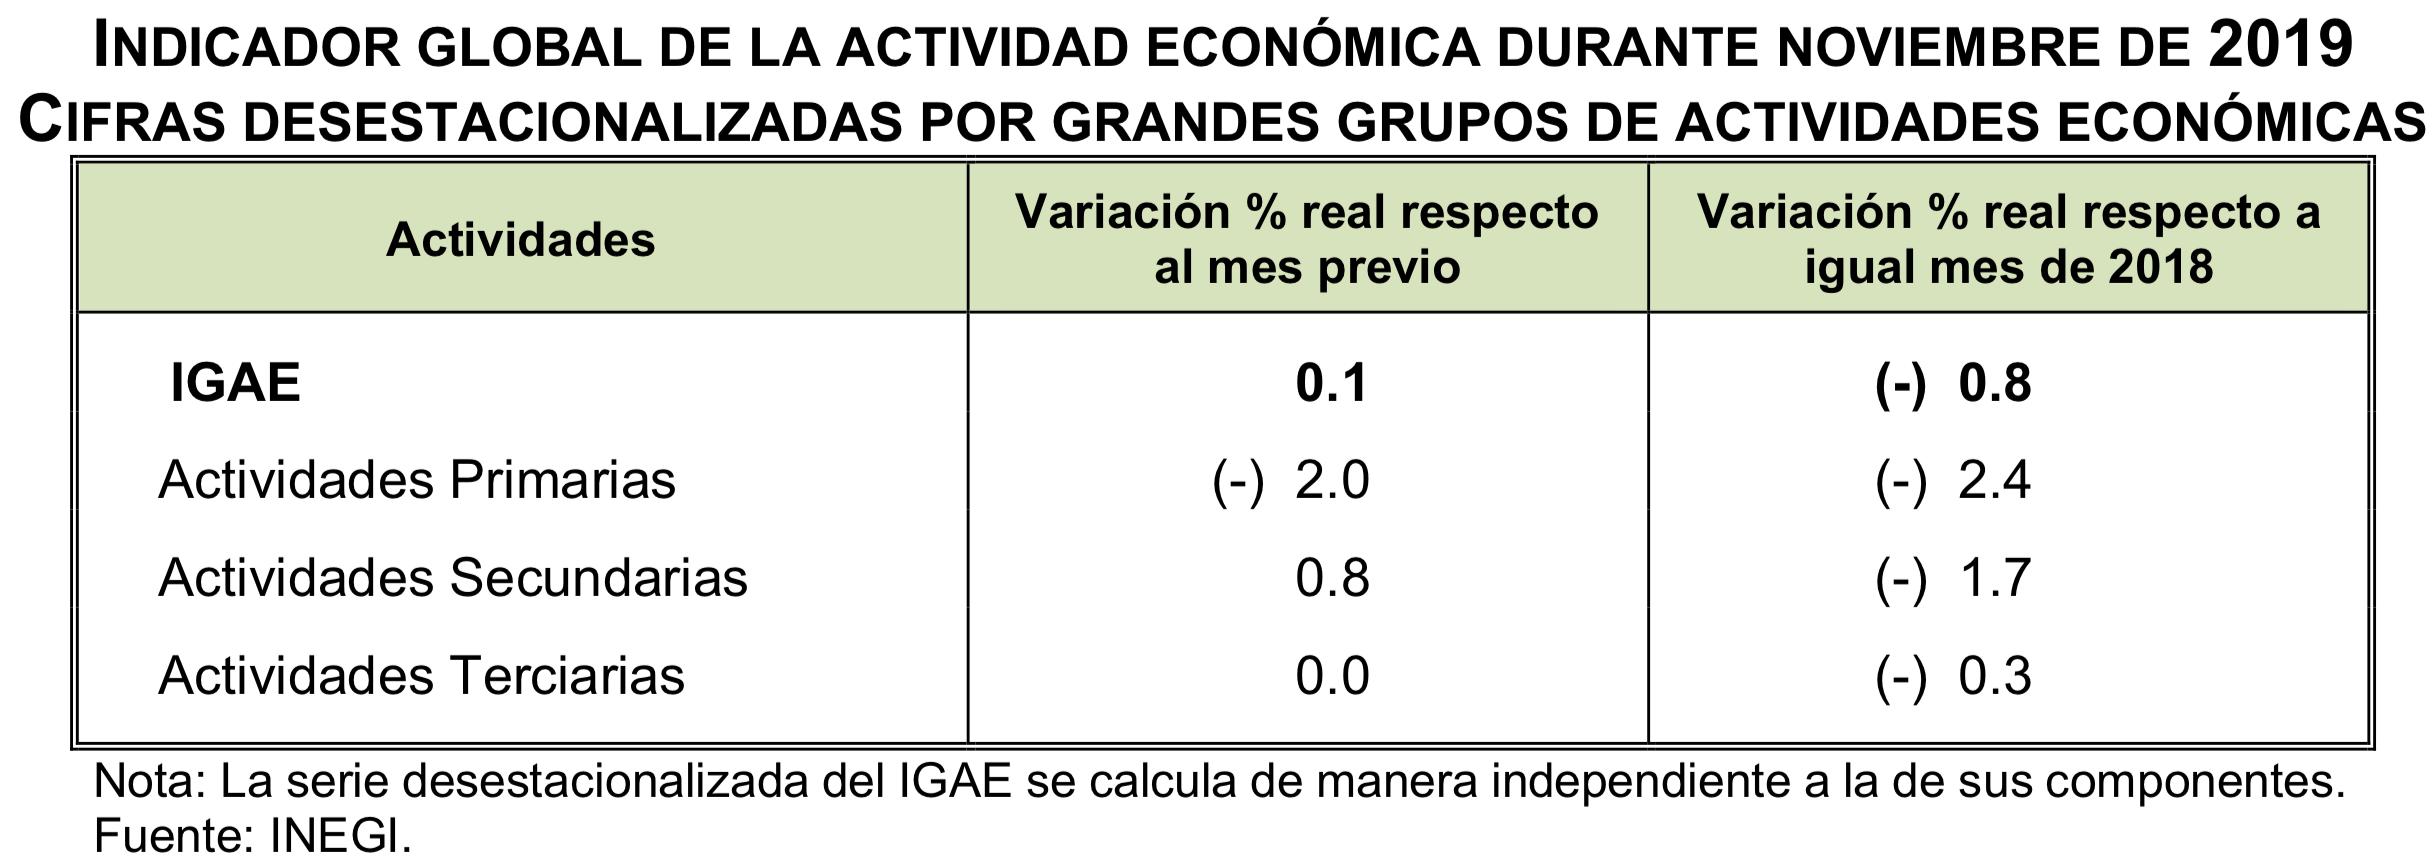 Indicador Global de la Actividad Económica durante noviembre de 2019. Datos de INEGI.